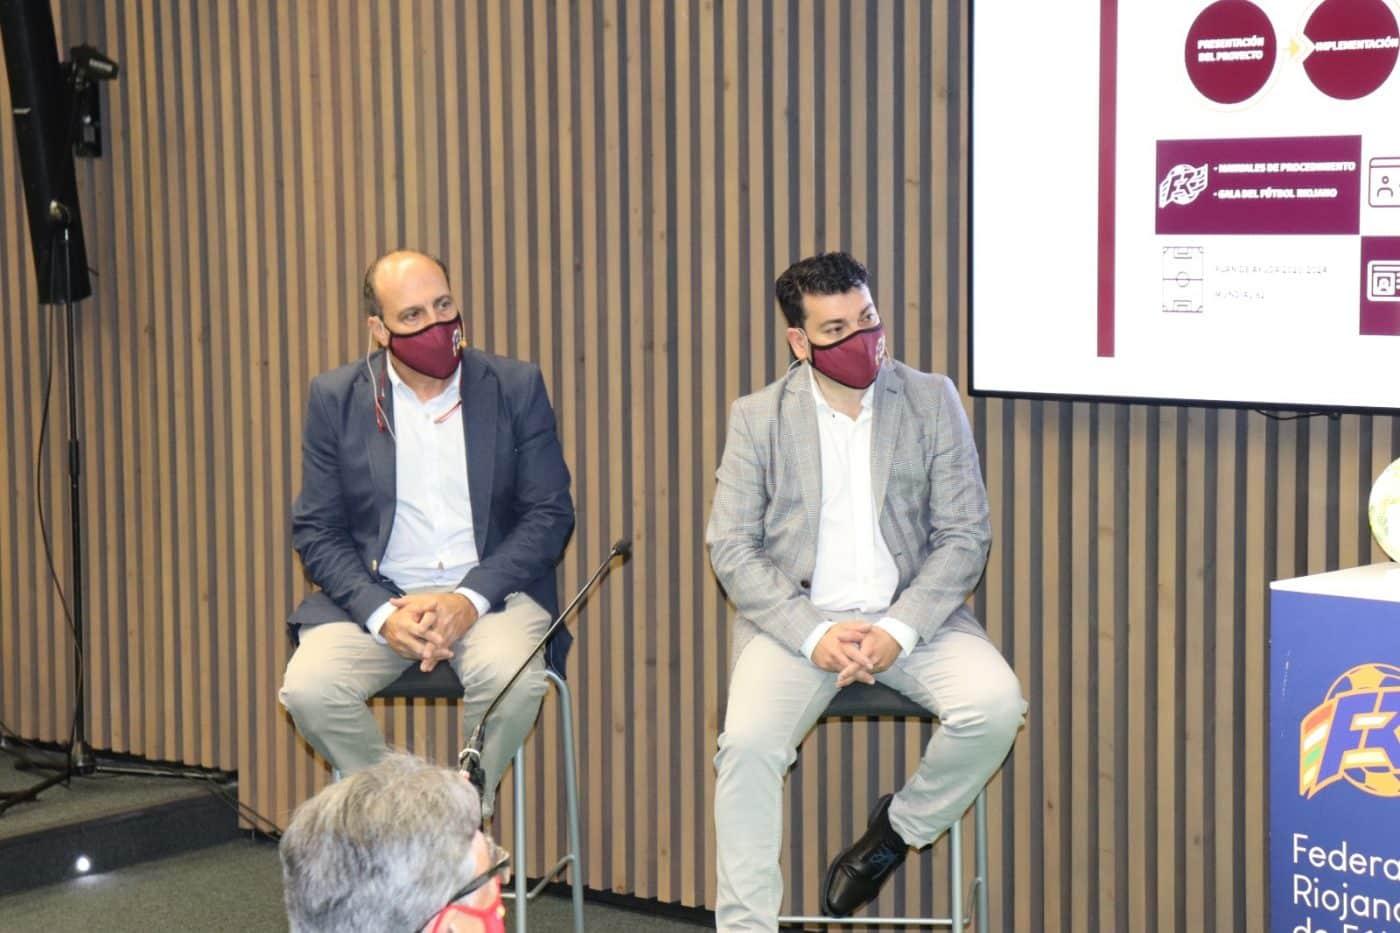 La Federación Riojana de Fútbol presenta su hoja de ruta para el futuro 7